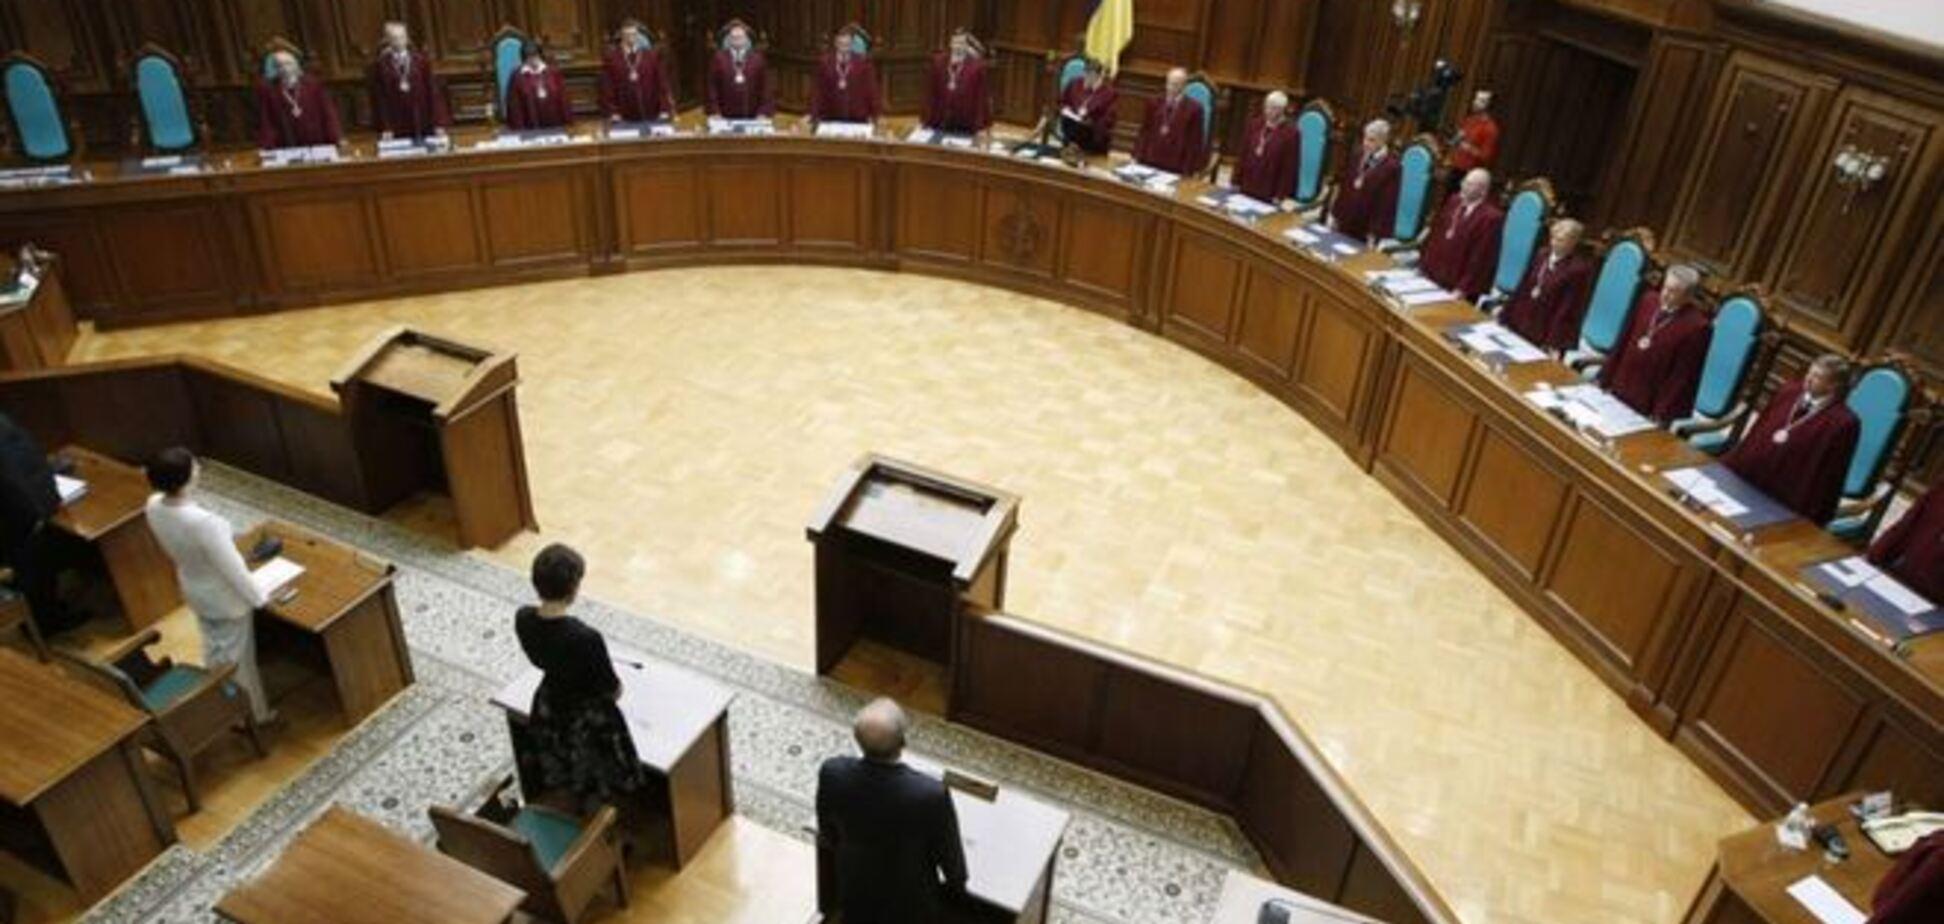 Верховный суд обратится в КС по поводу конституционности отдельных положений закона о люстрации